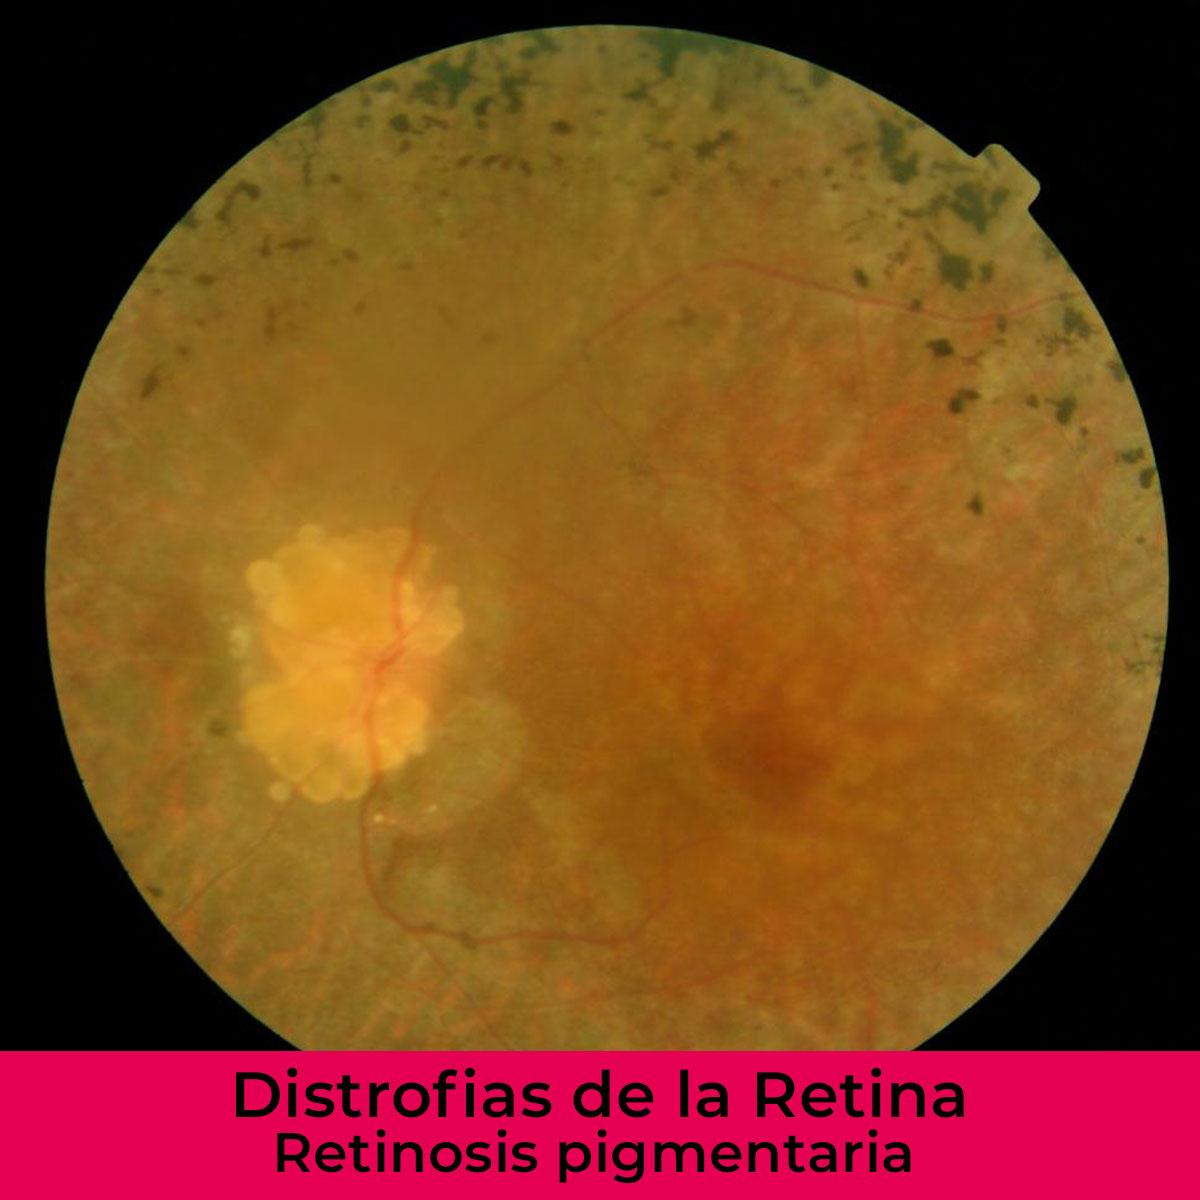 distrofias-de-la-retina-iohoyos